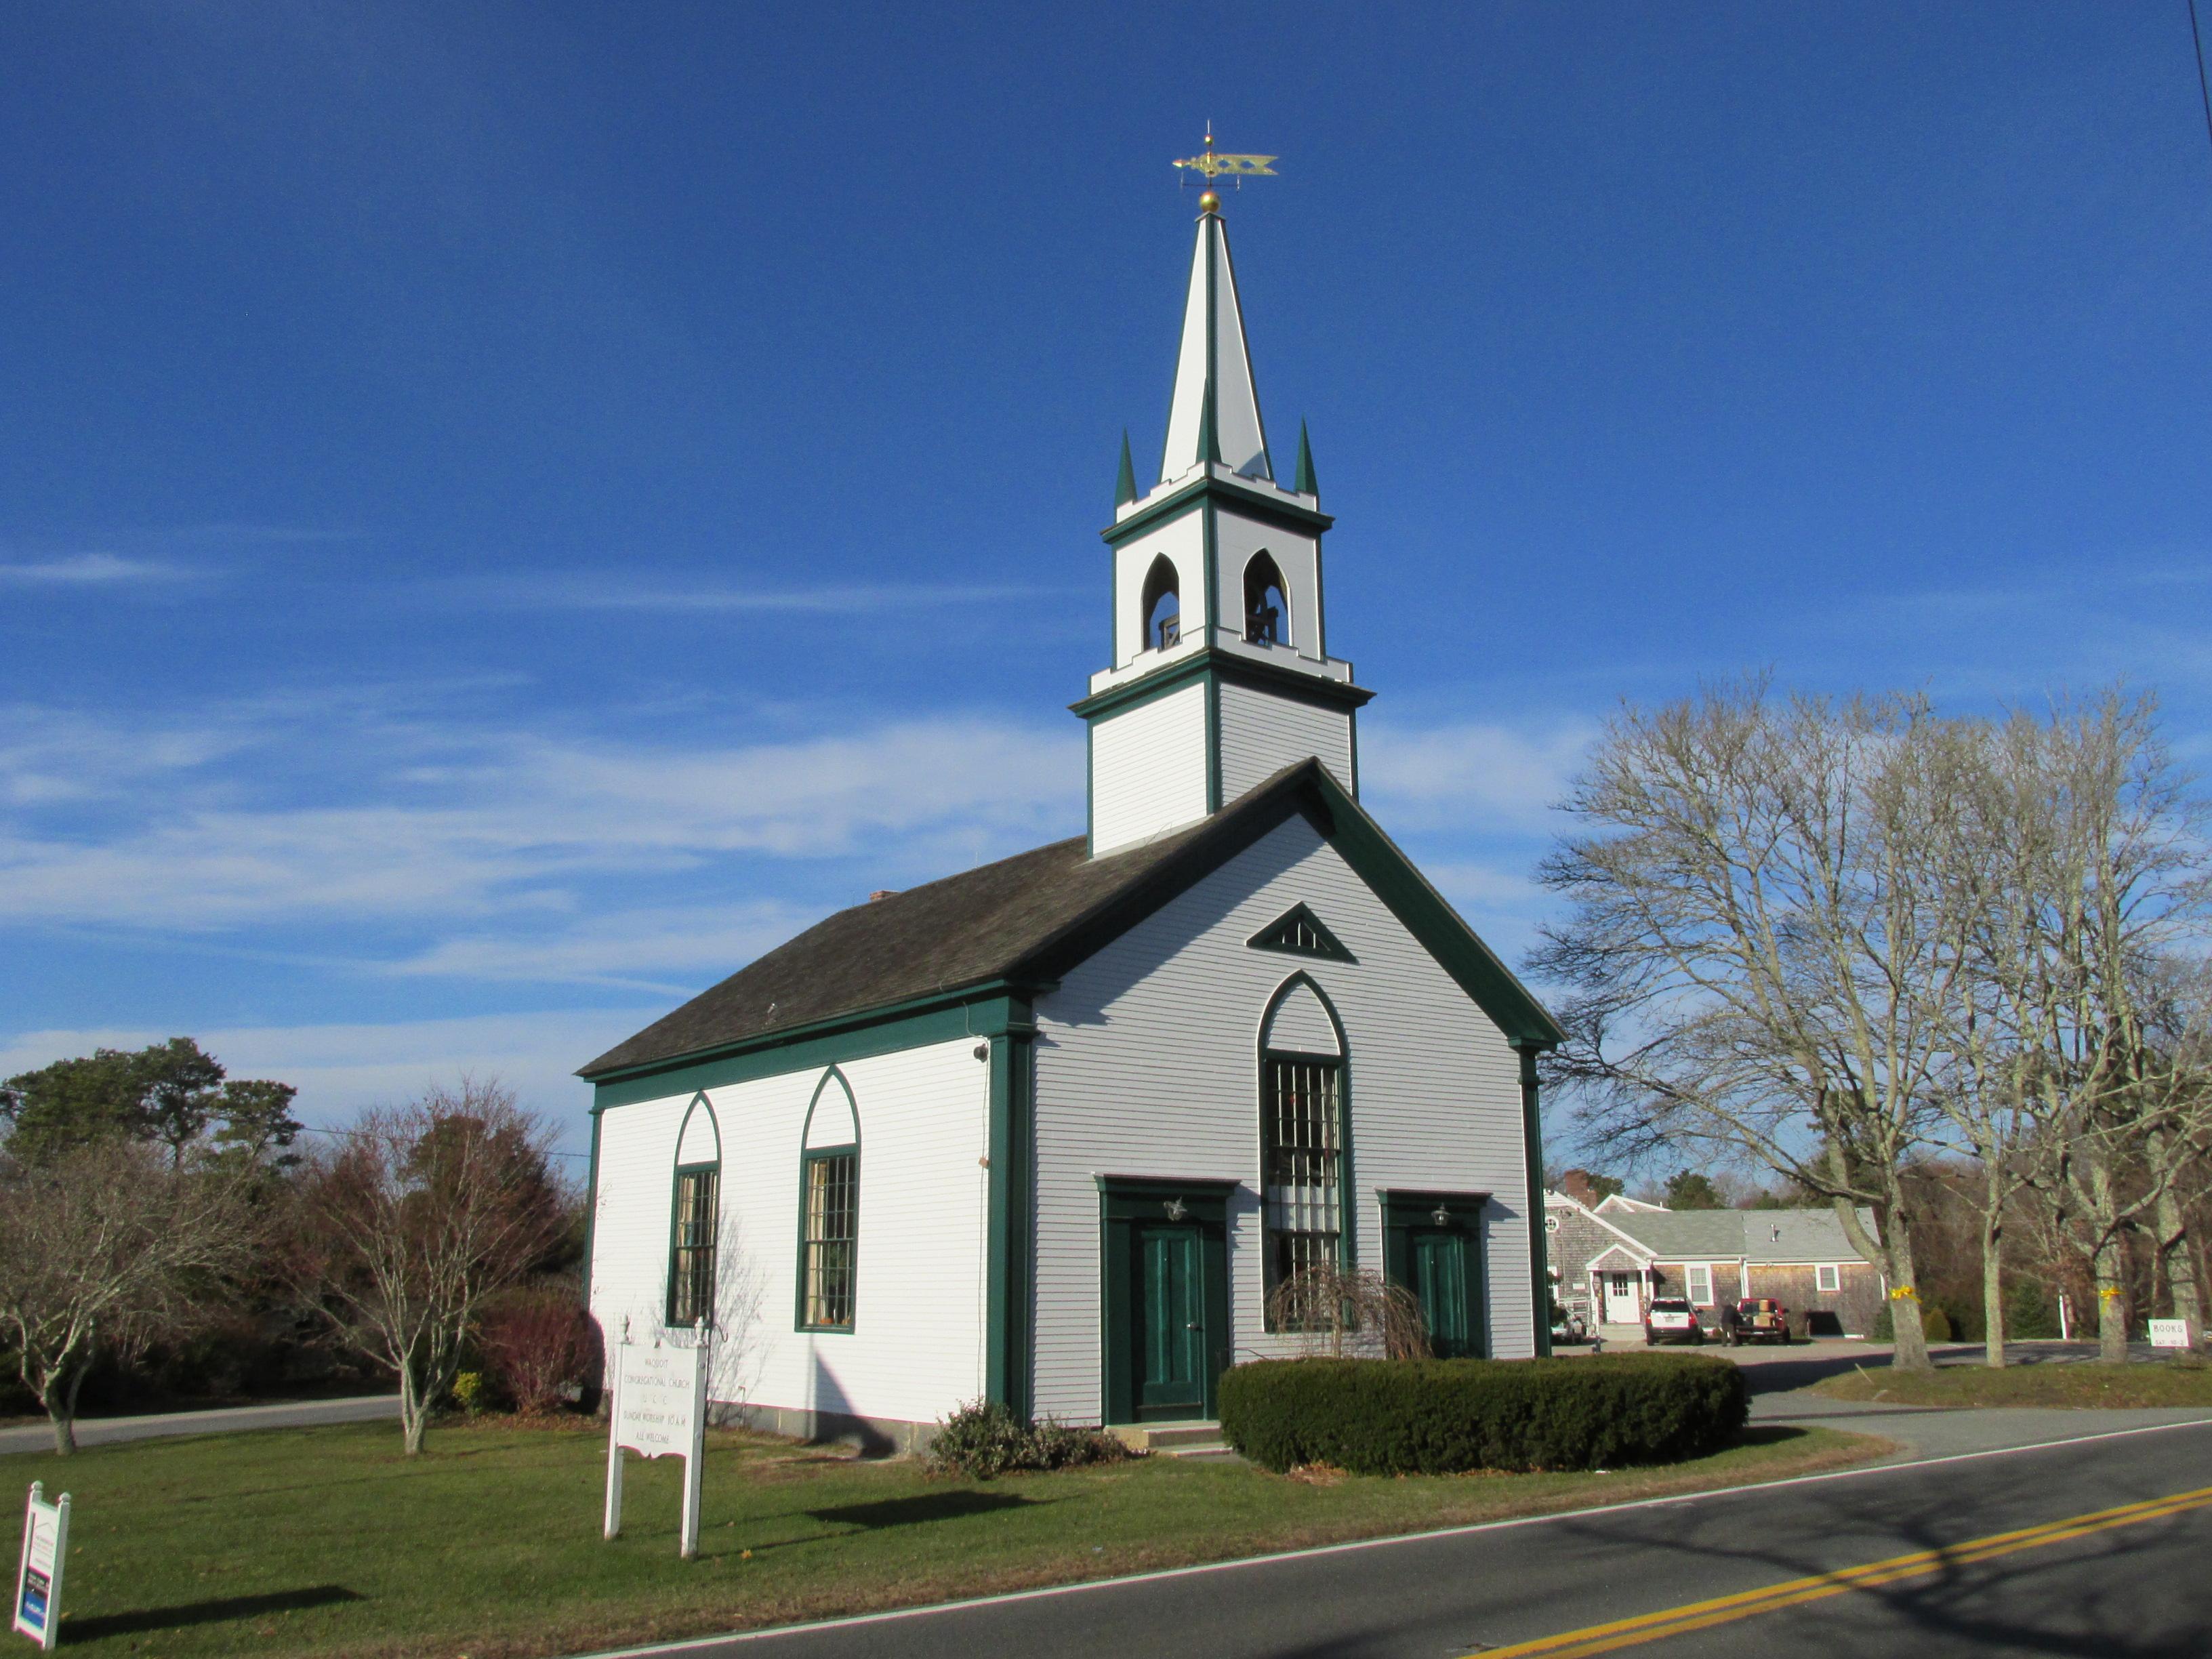 File:Waquoit Congregational Church, Waquoit MA.jpg ...